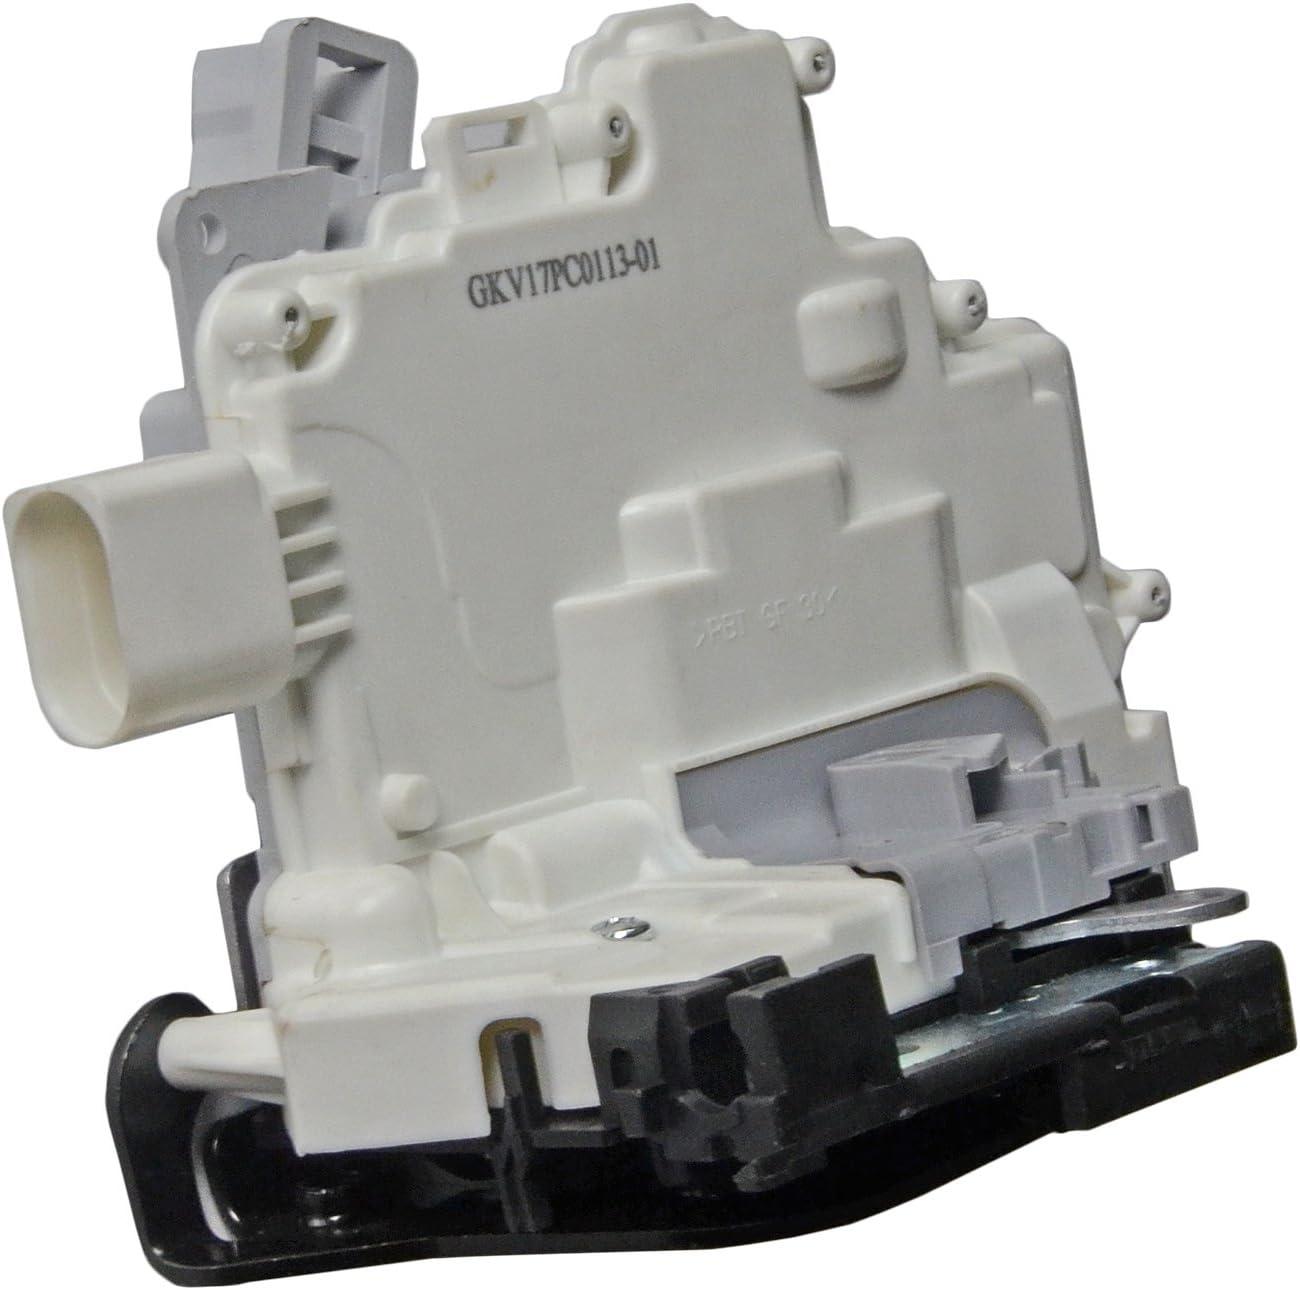 Servomotore FRECCIA porta per AUDI a4 a5 q3 q5 q7 centrale di bloccaggio posteriore sinistro